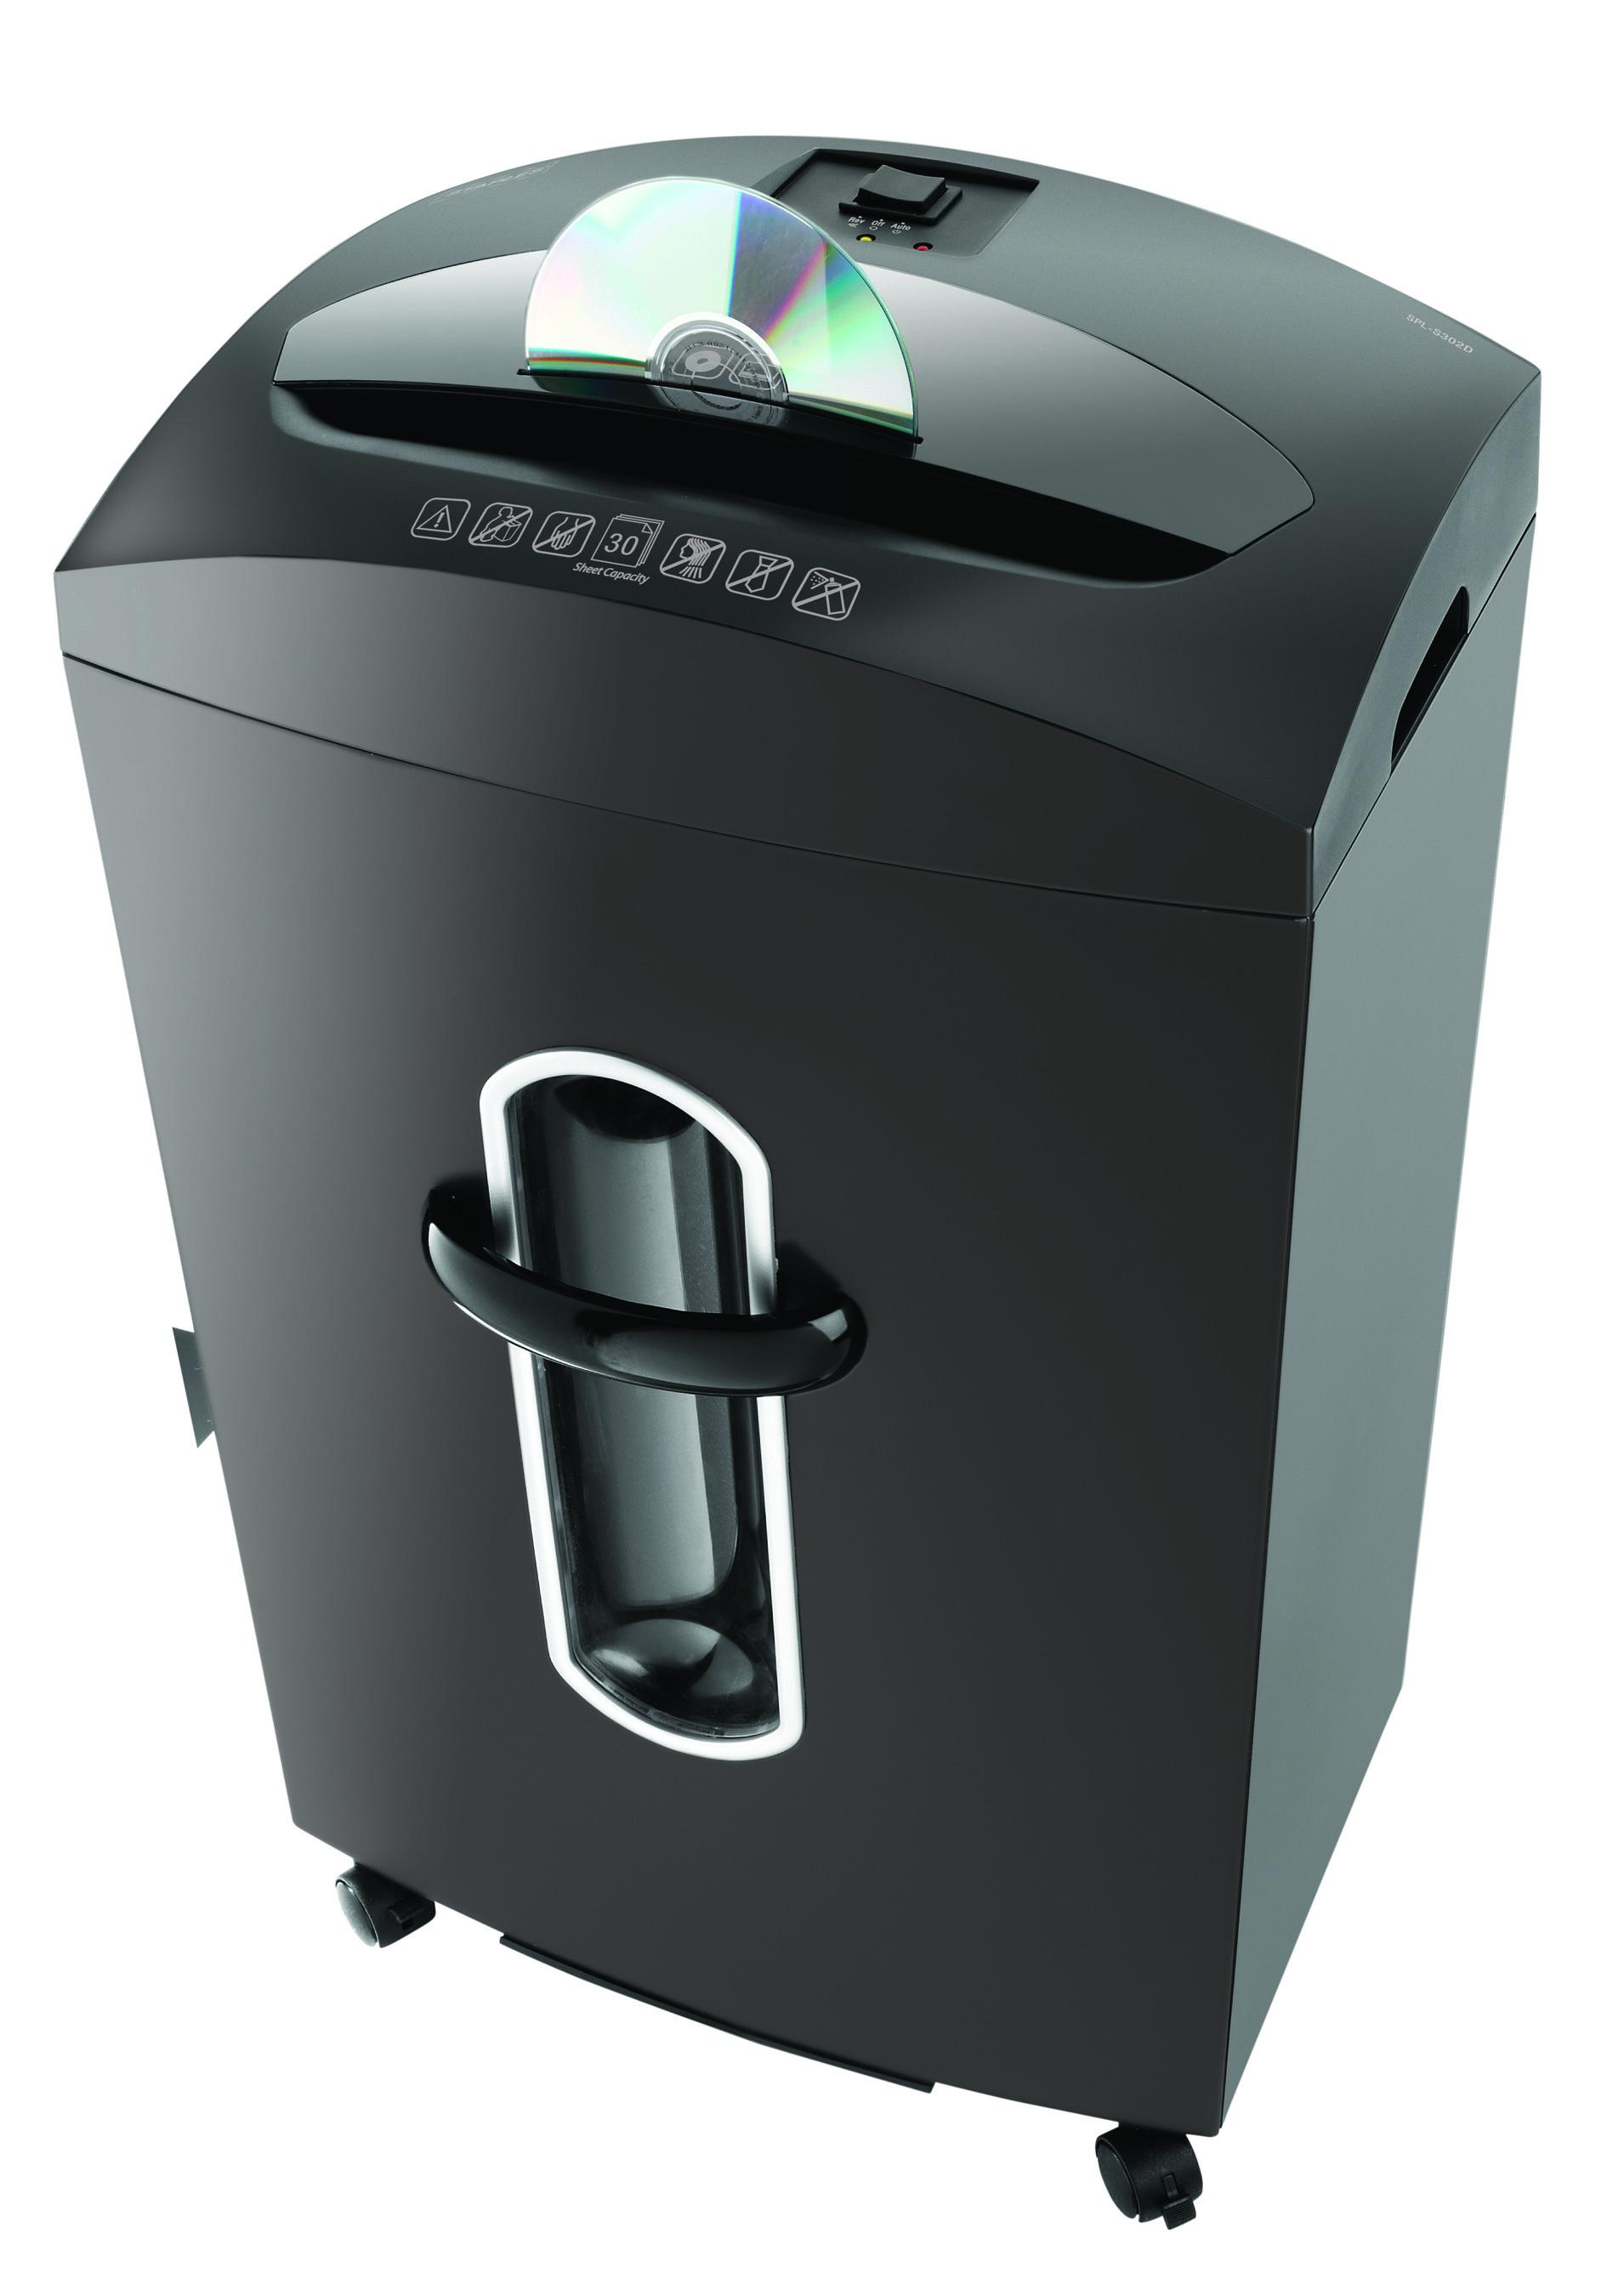 Staples spl s302d shredder spl s302d ebay Which shredder should i buy